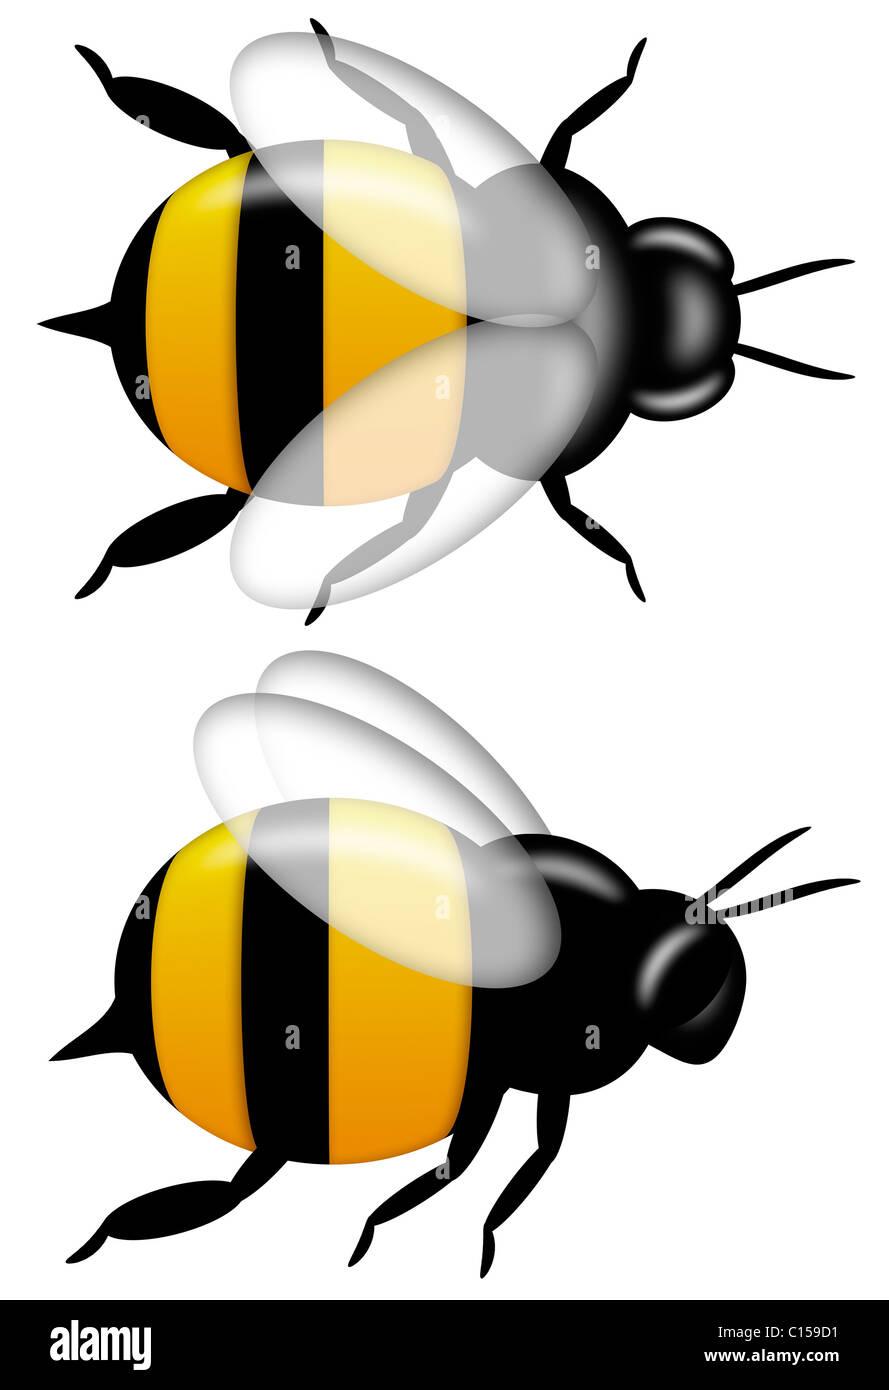 Ausgezeichnet Bumble Bee Bienenstock Färbung Seite Fotos - Entry ...